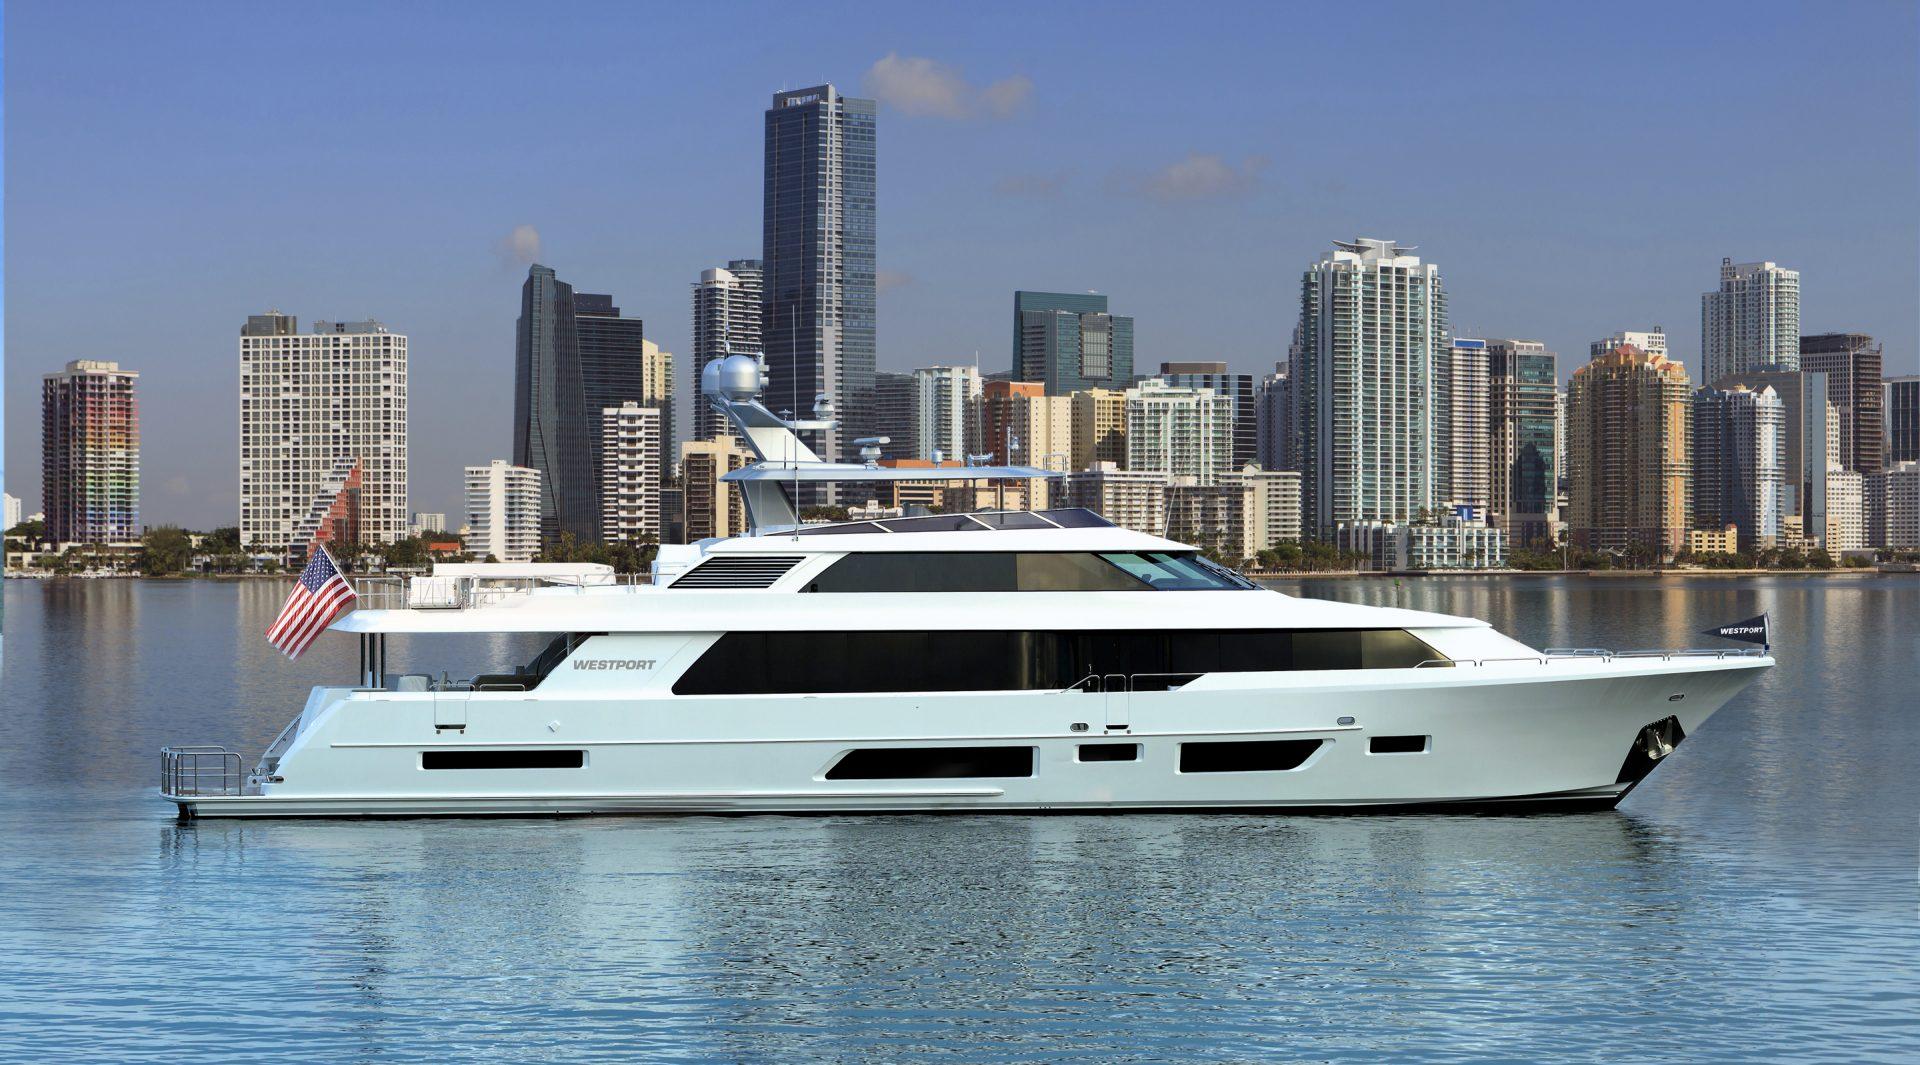 Westport Yachts - Lyons Pride